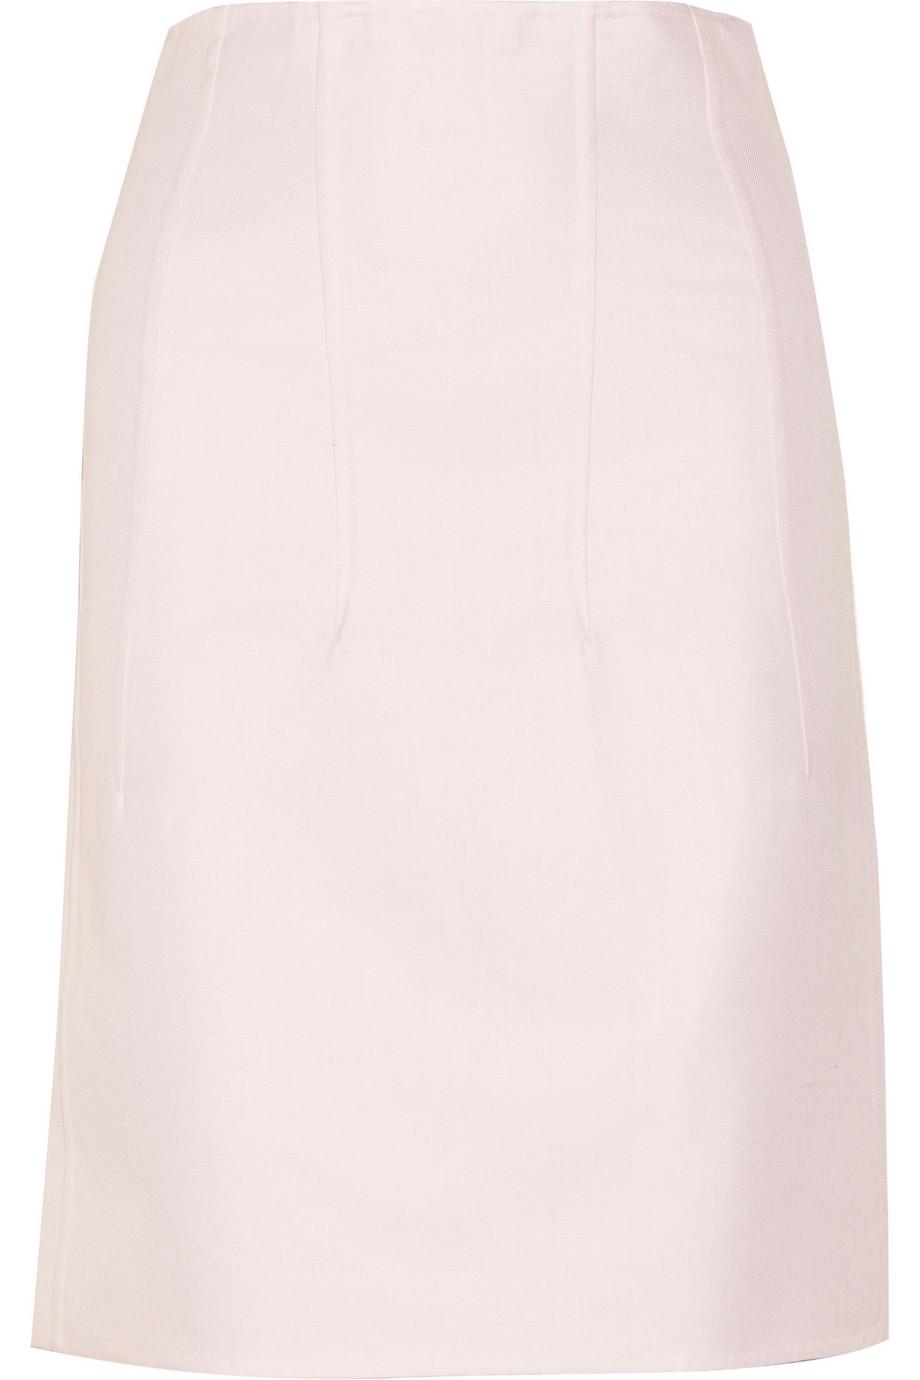 Neutro cotton-gabardine skirt | Jil Sander | 66% off | THE OUTNET